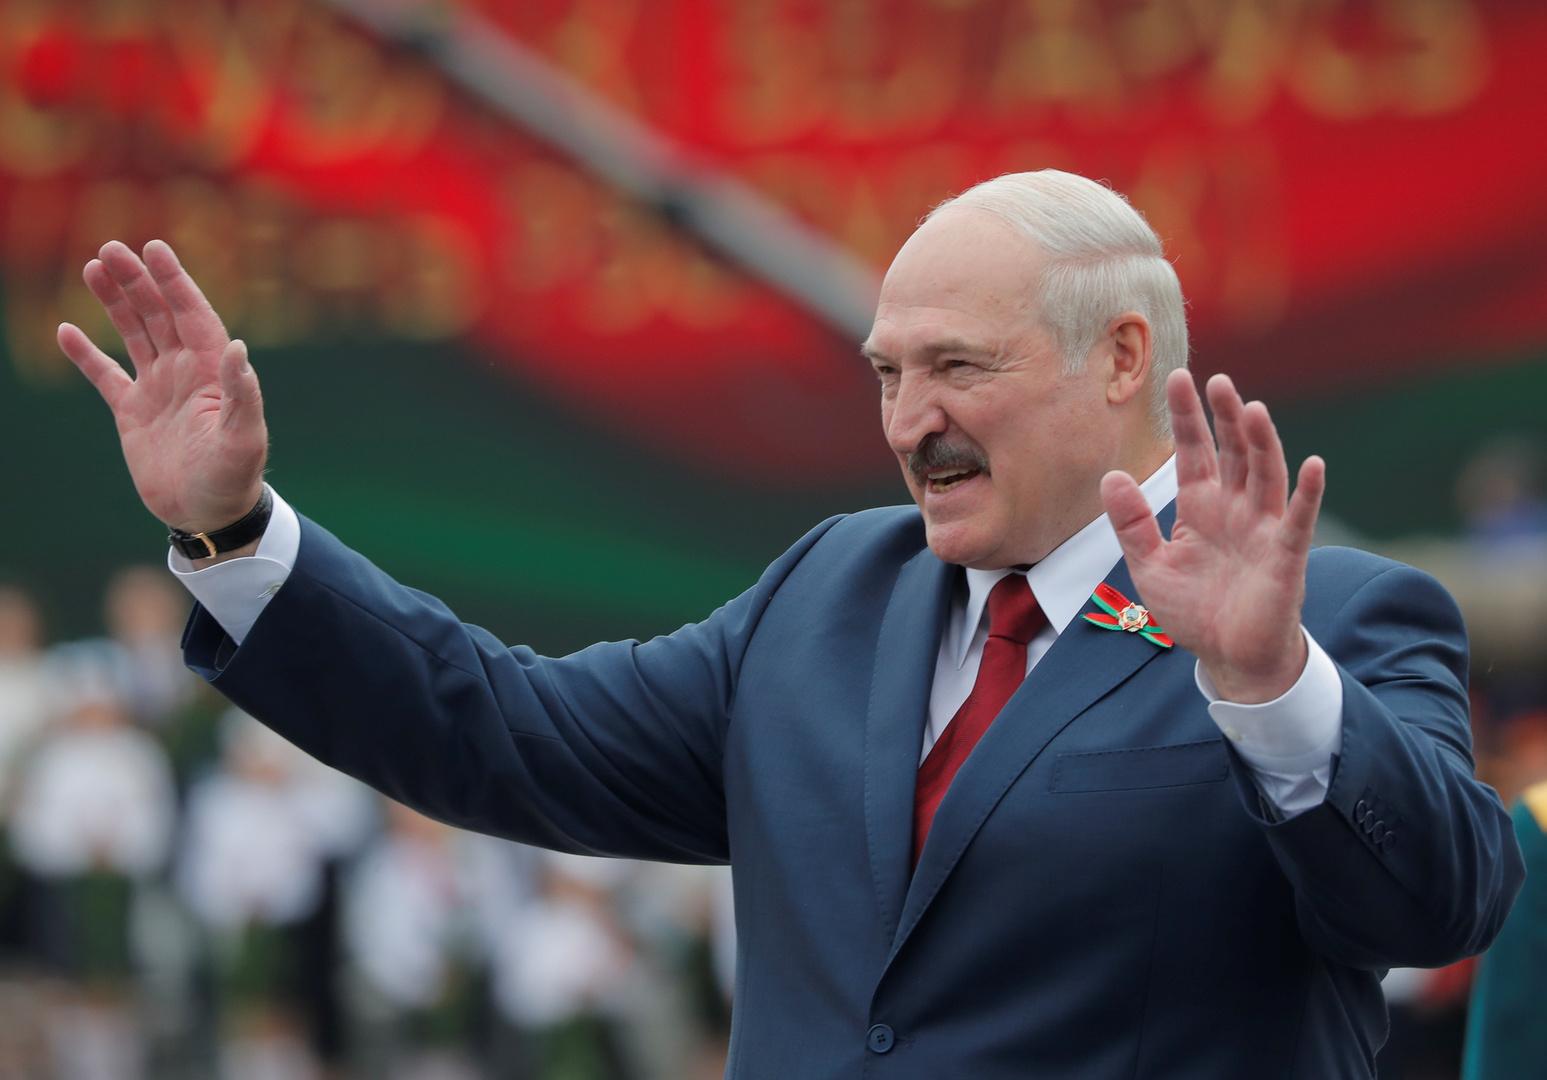 لوكاشينكو لبومبيو: روسيا أكبر حليف لبيلاروس